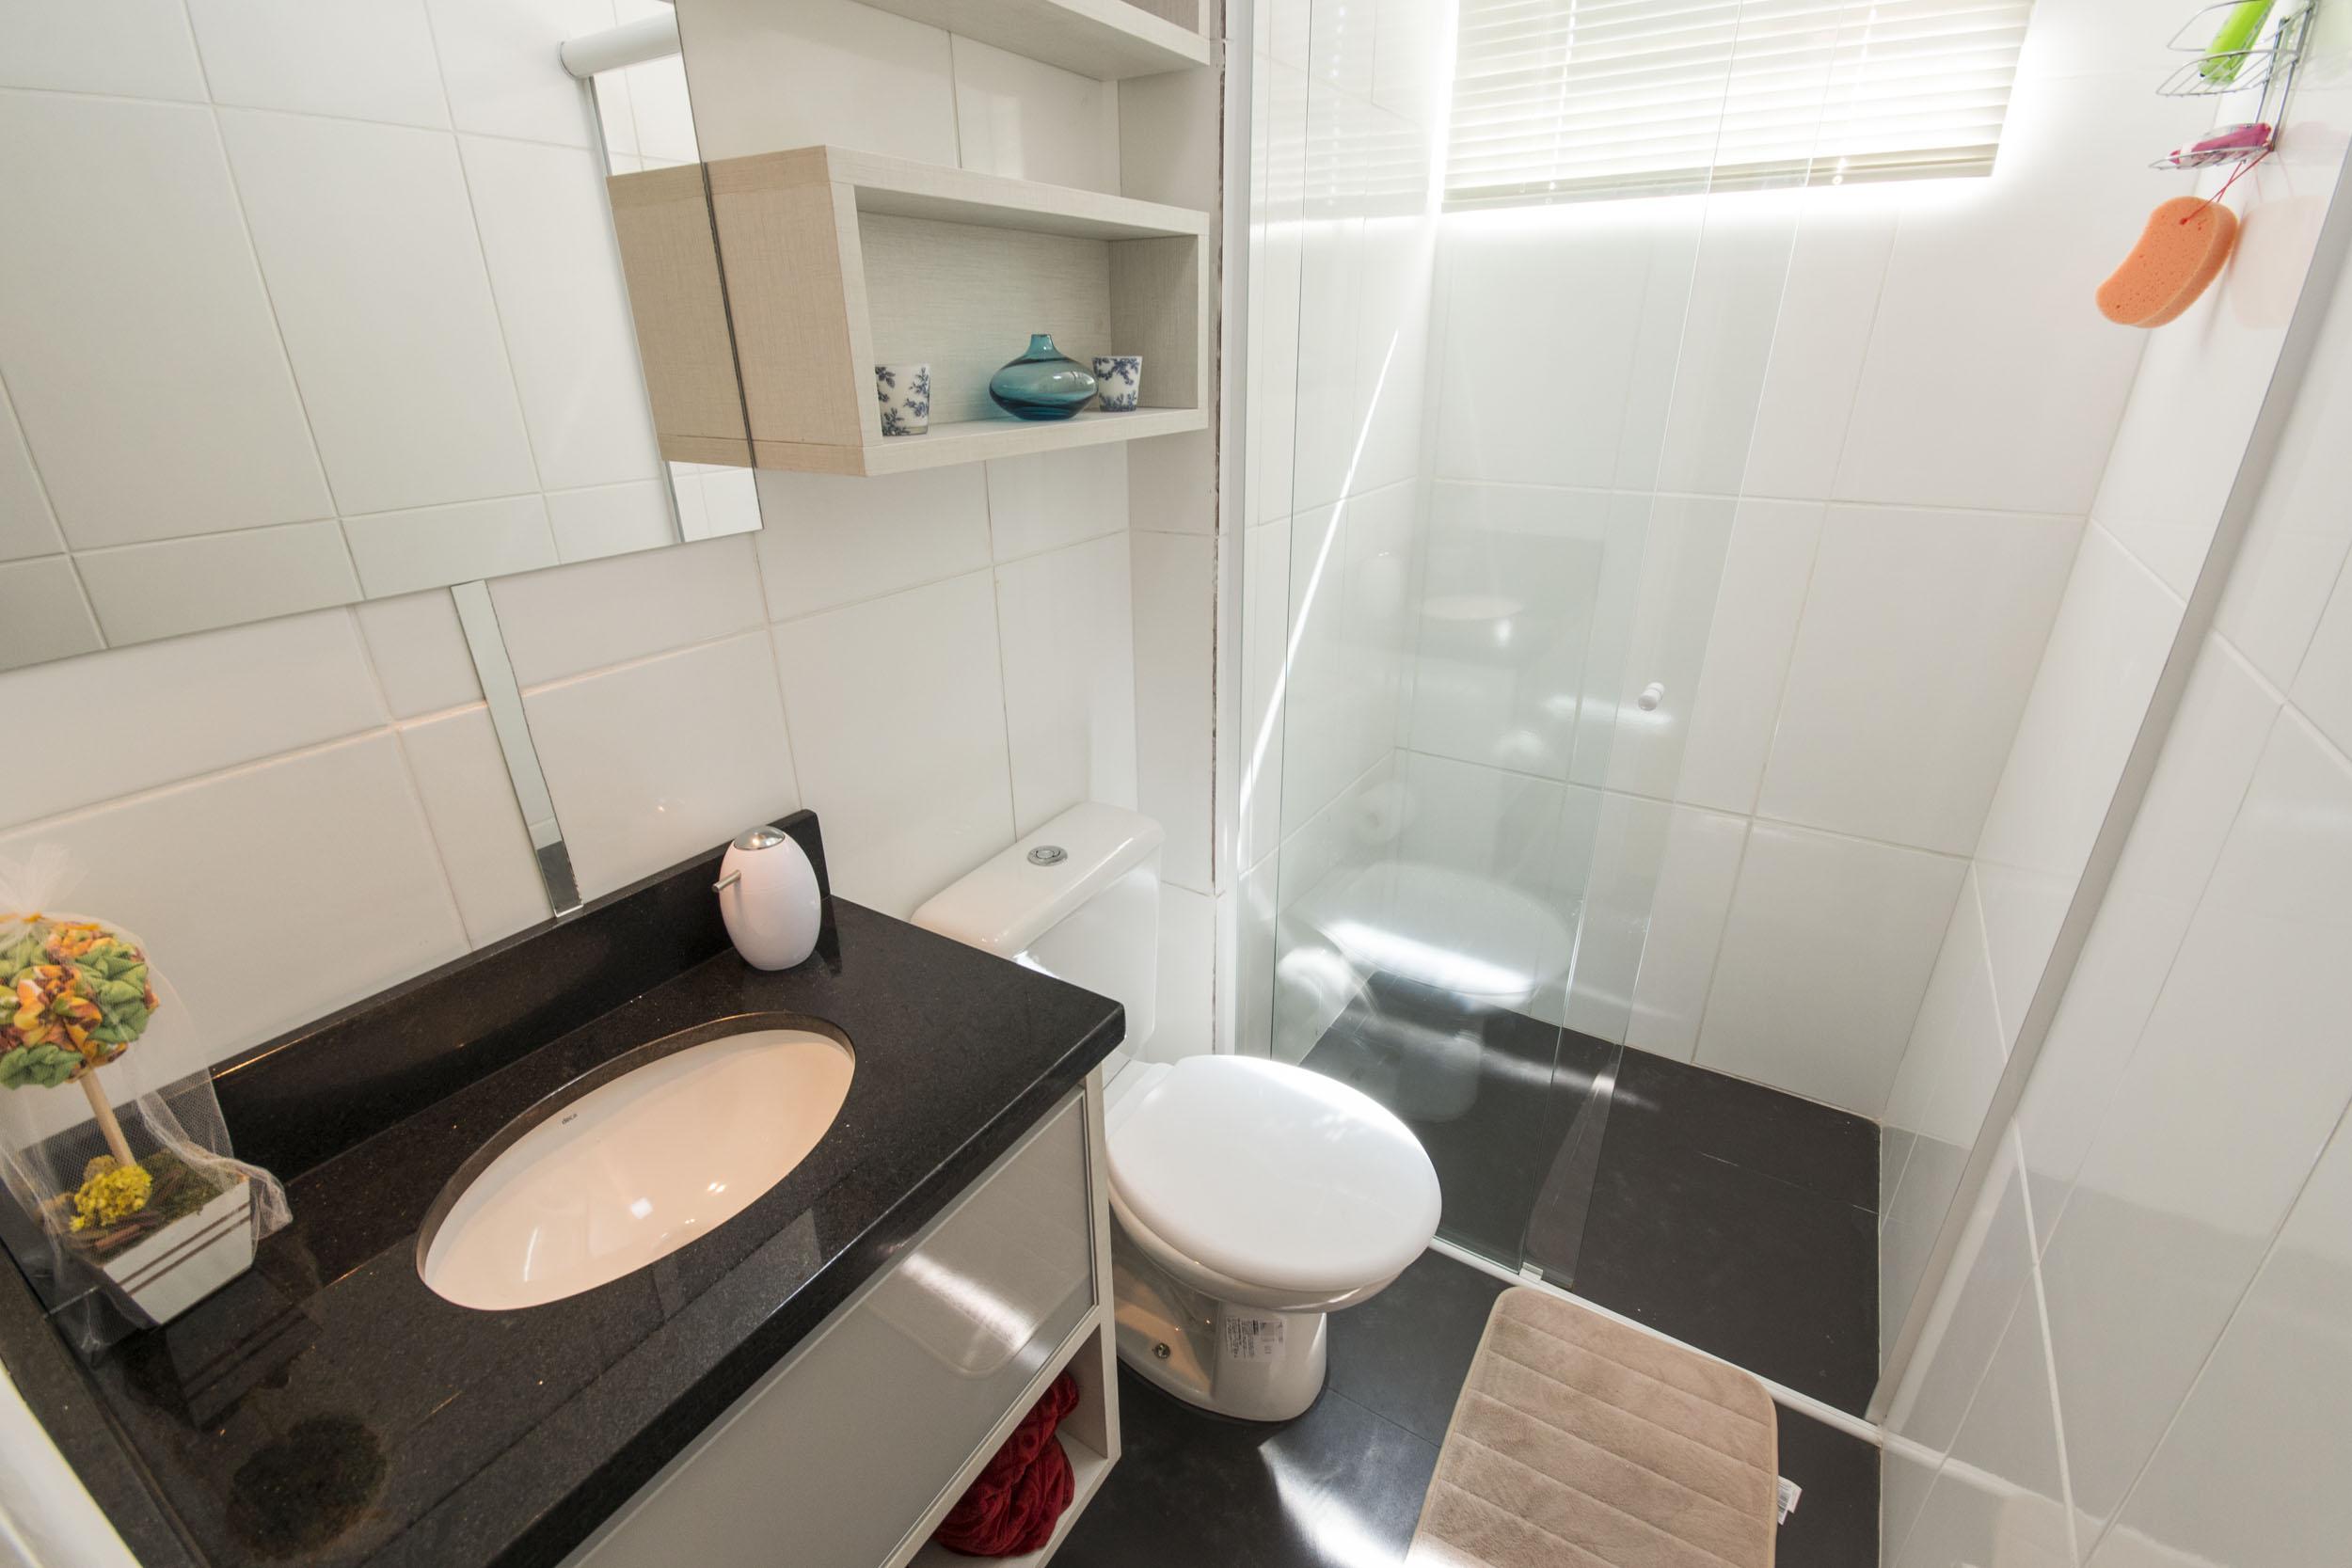 Segredos na decoração de banheiros pequenos  Blog Corporativo MRV Engenharia -> Decoracao De Banheiro Para Apartamento